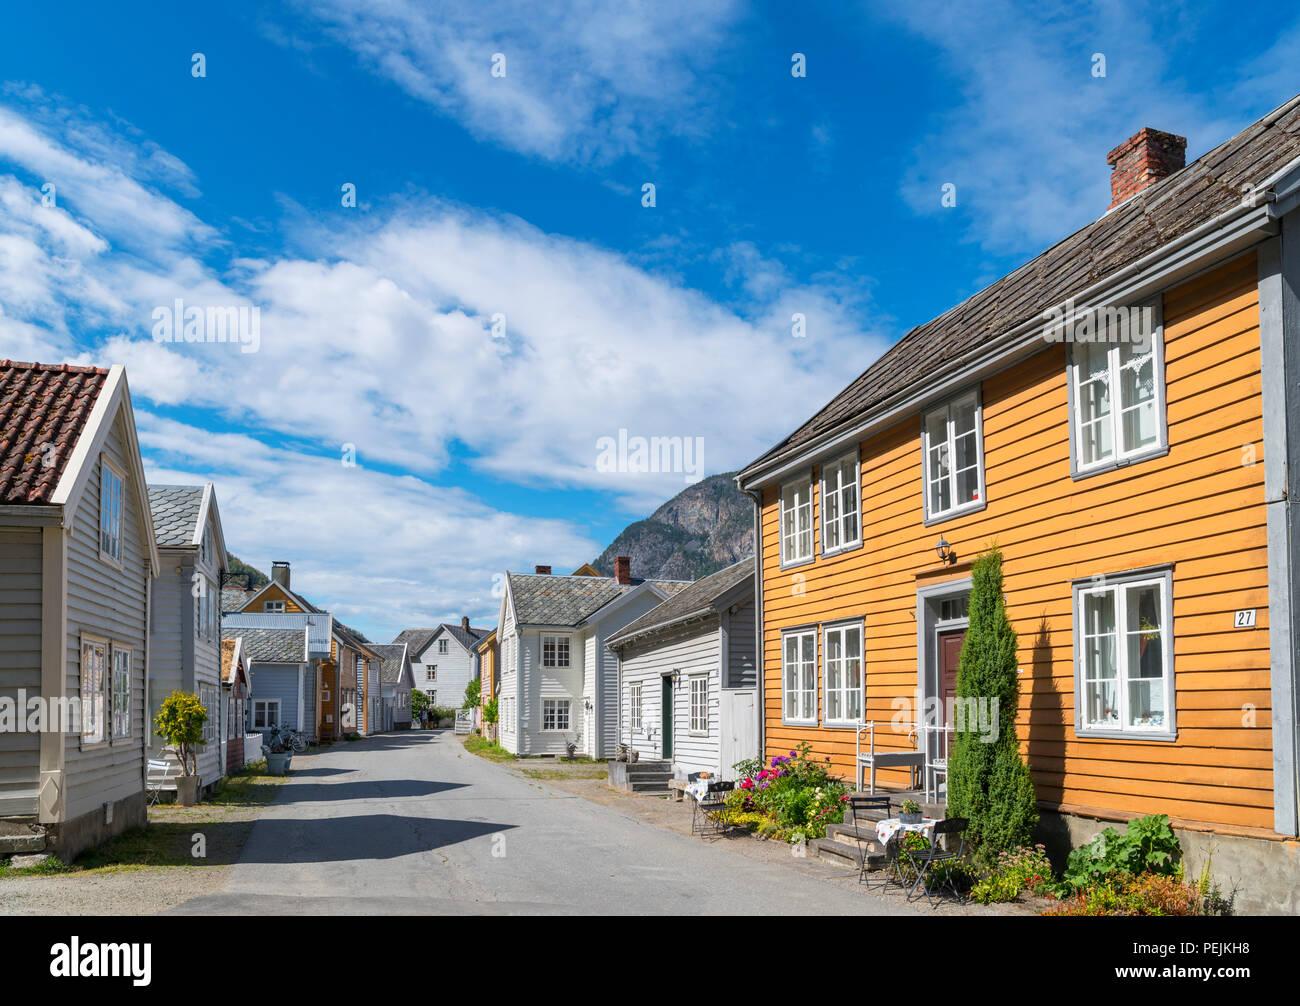 Traditionelle Holzhäuser in Laerdal (Laerdalsøyri), Sogn og Fjordane, Norwegen Stockbild